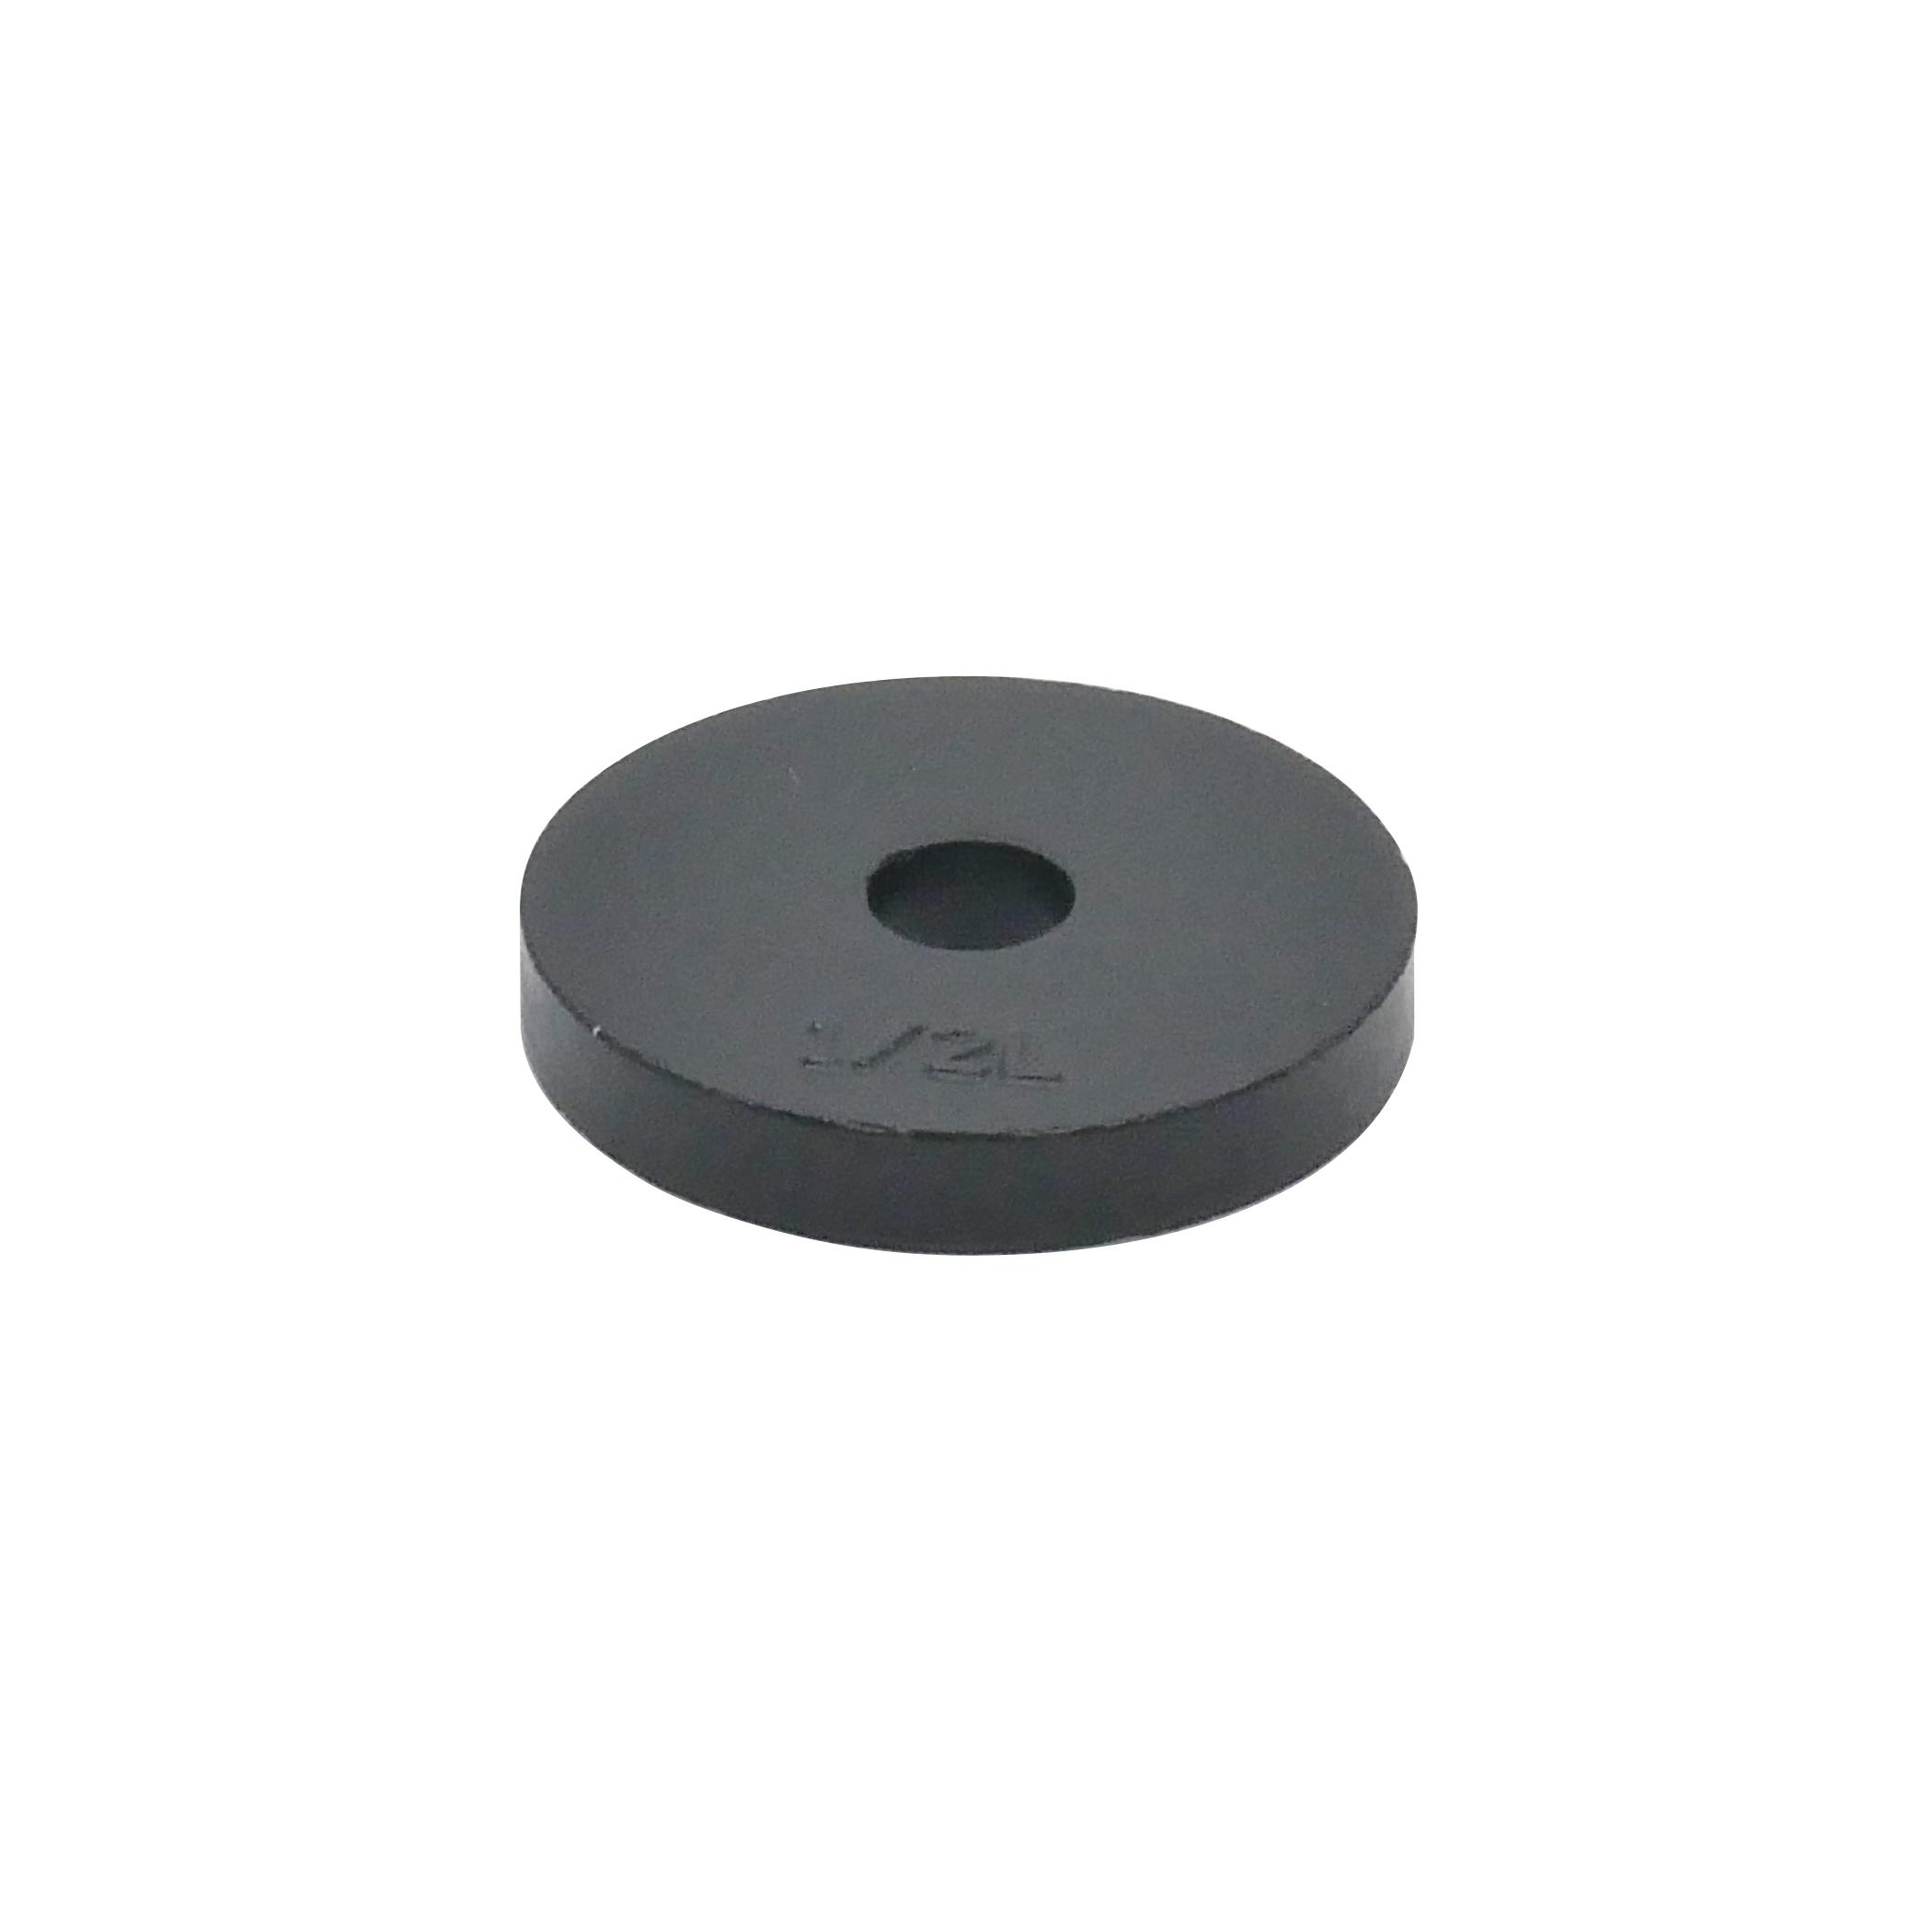 1/2L Flat Faucet Washer (1 per Bag)